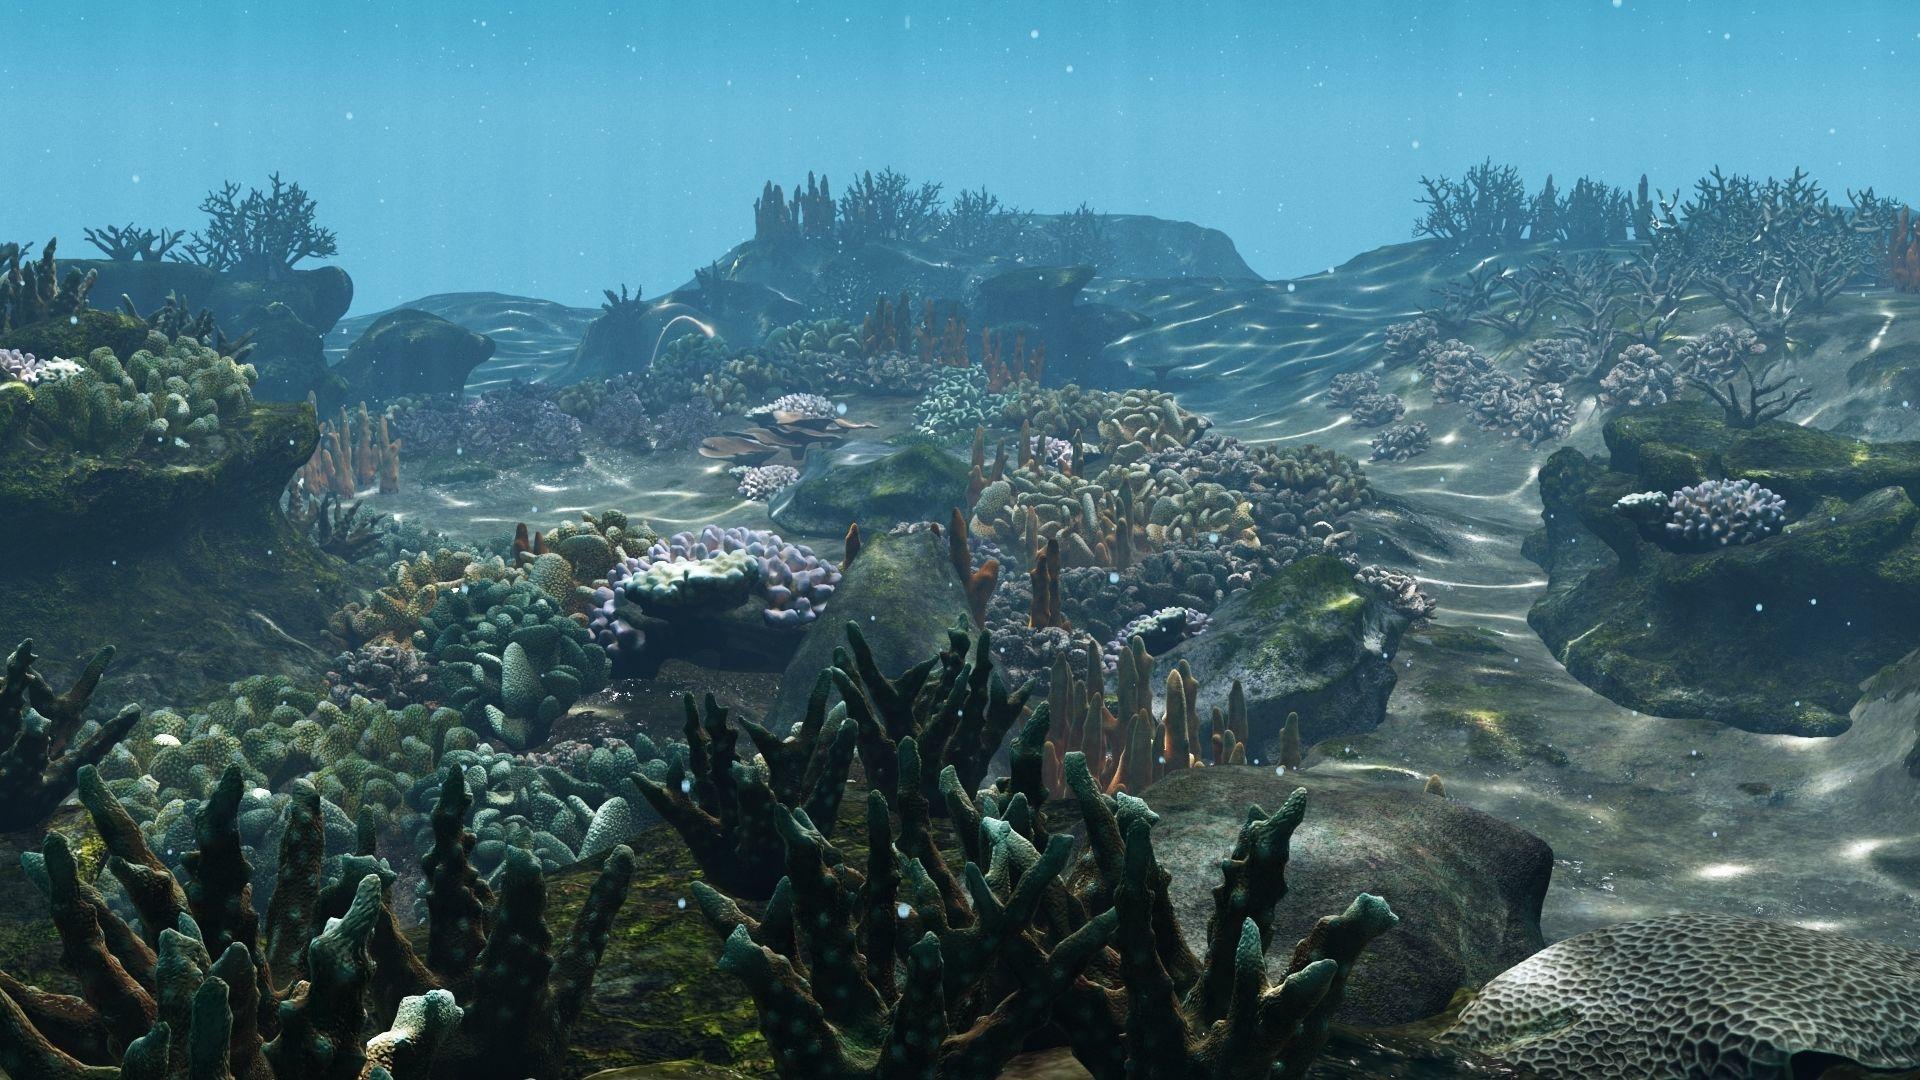 Underwater-Coral-Reef-Habitat.jpg